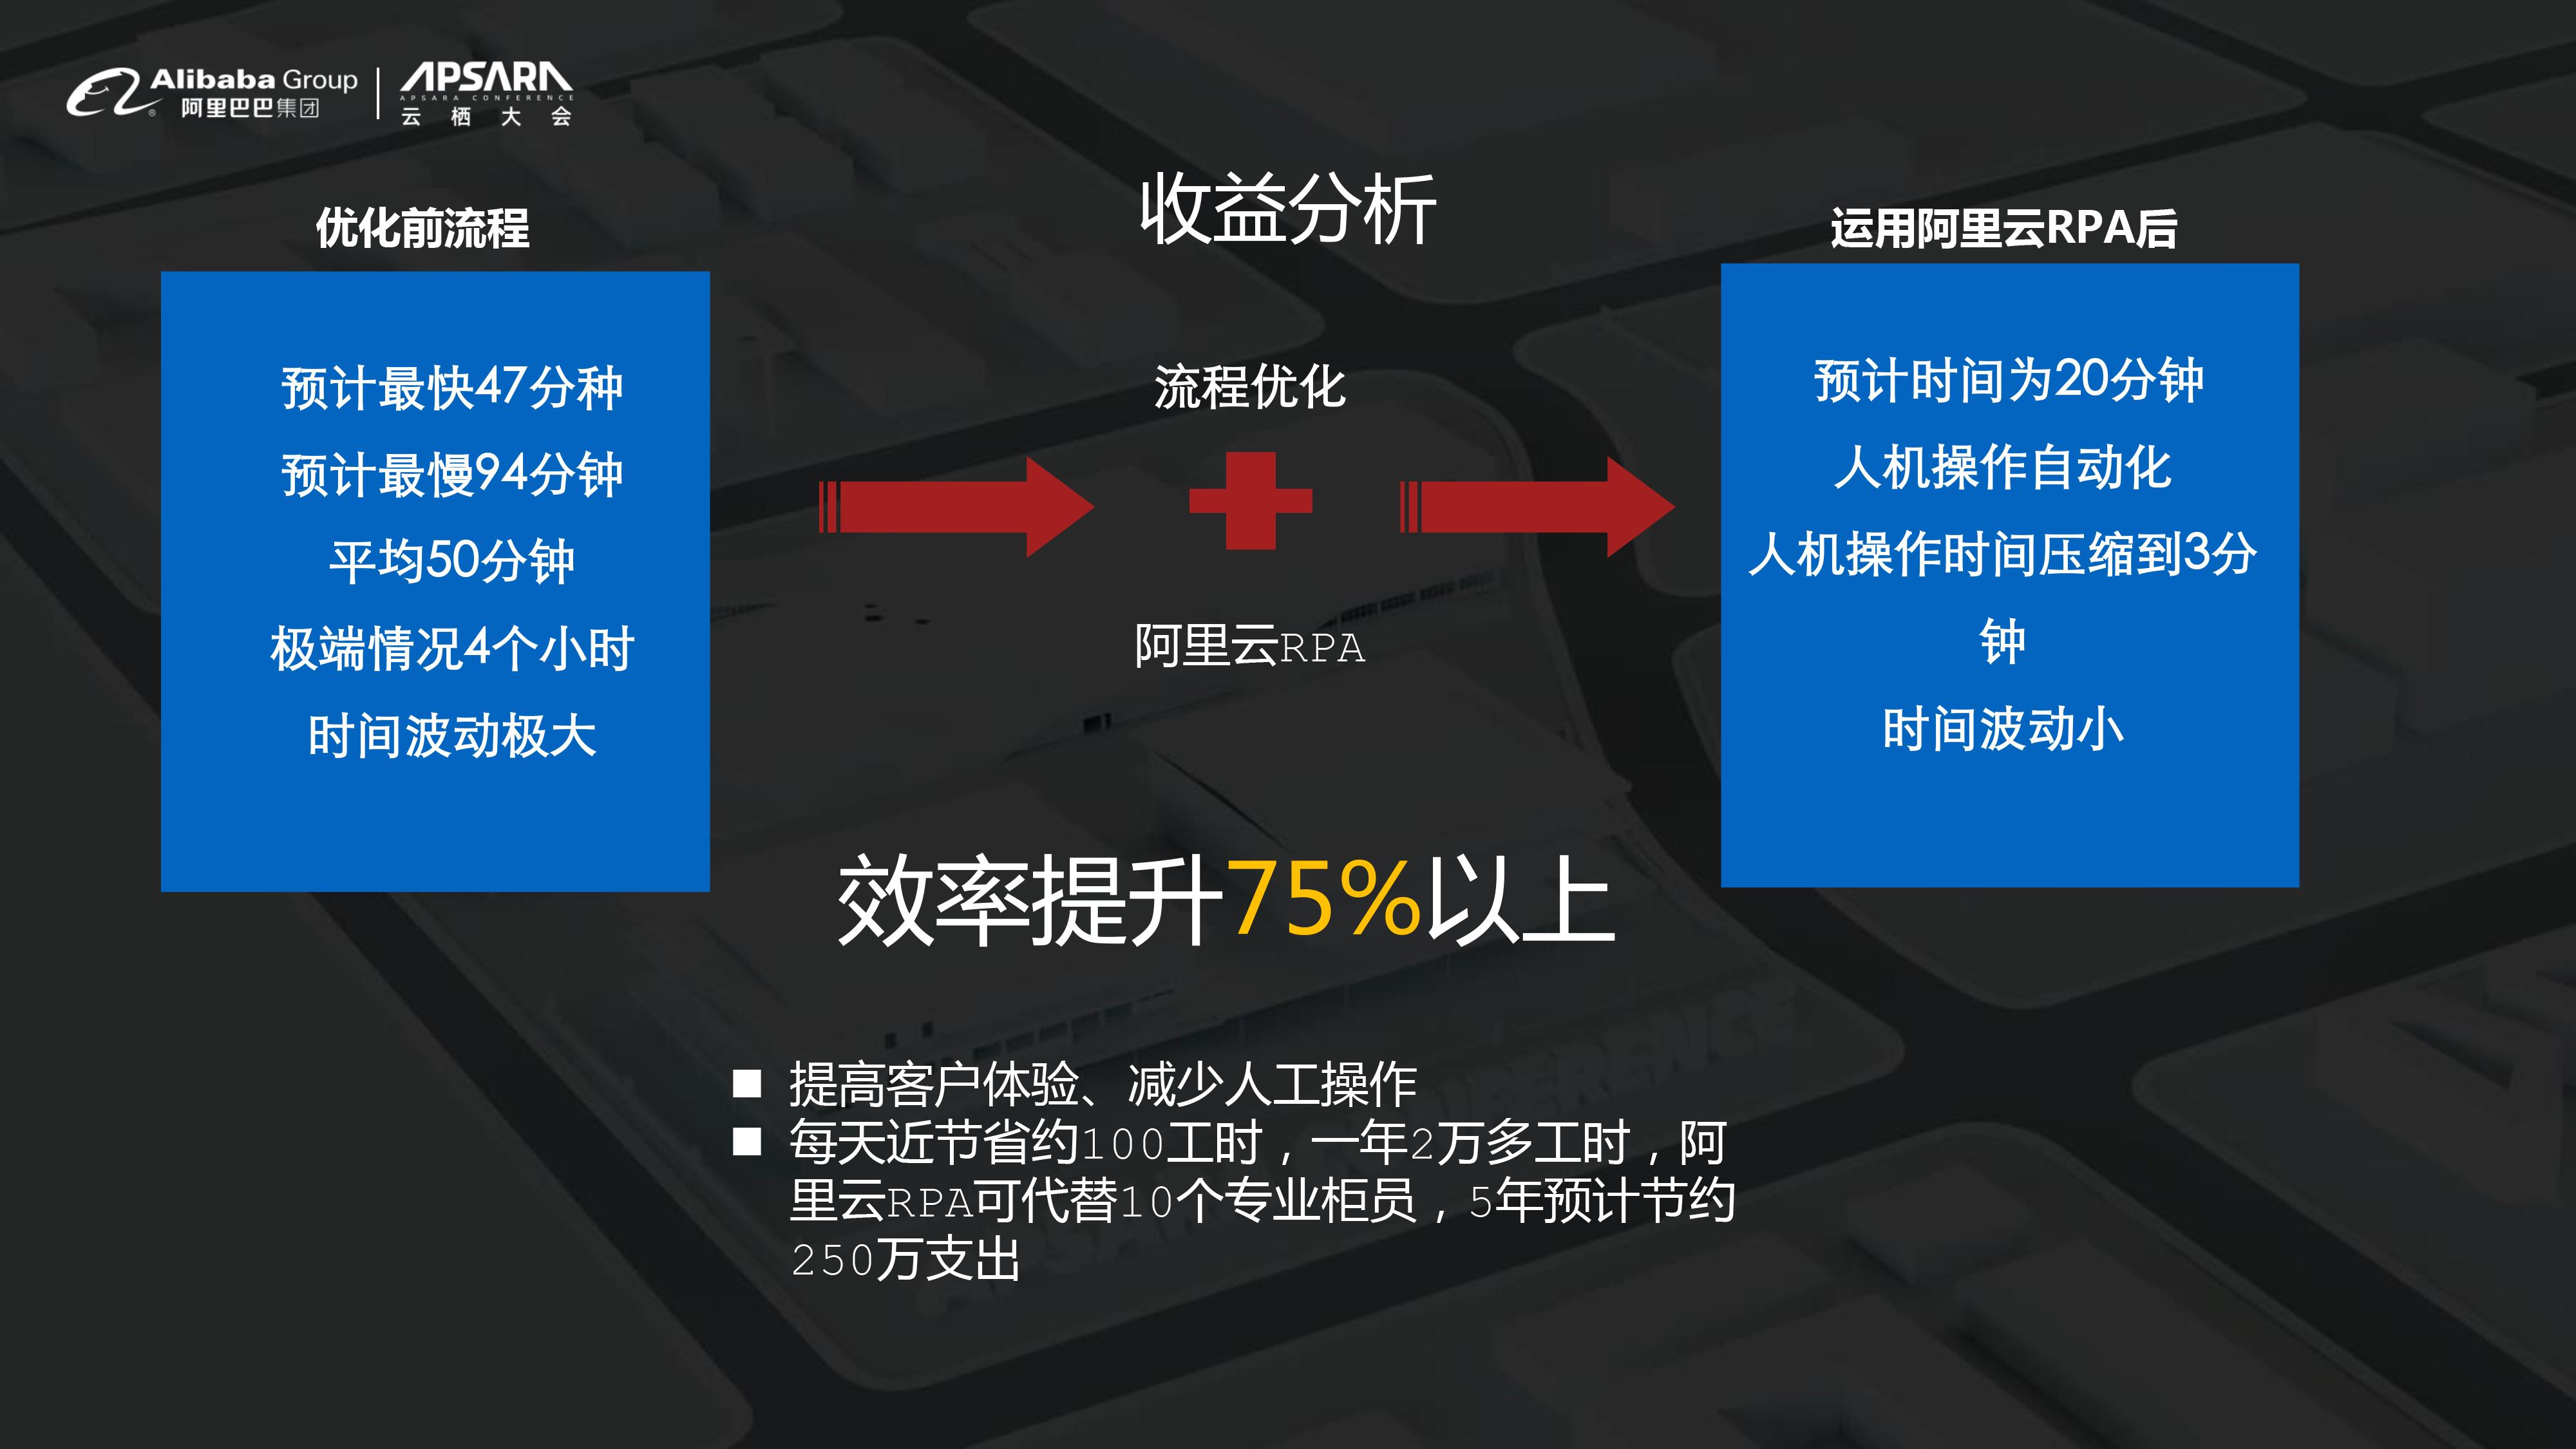 【最终】云栖大会_RPA机器人流程自动化-17.jpg